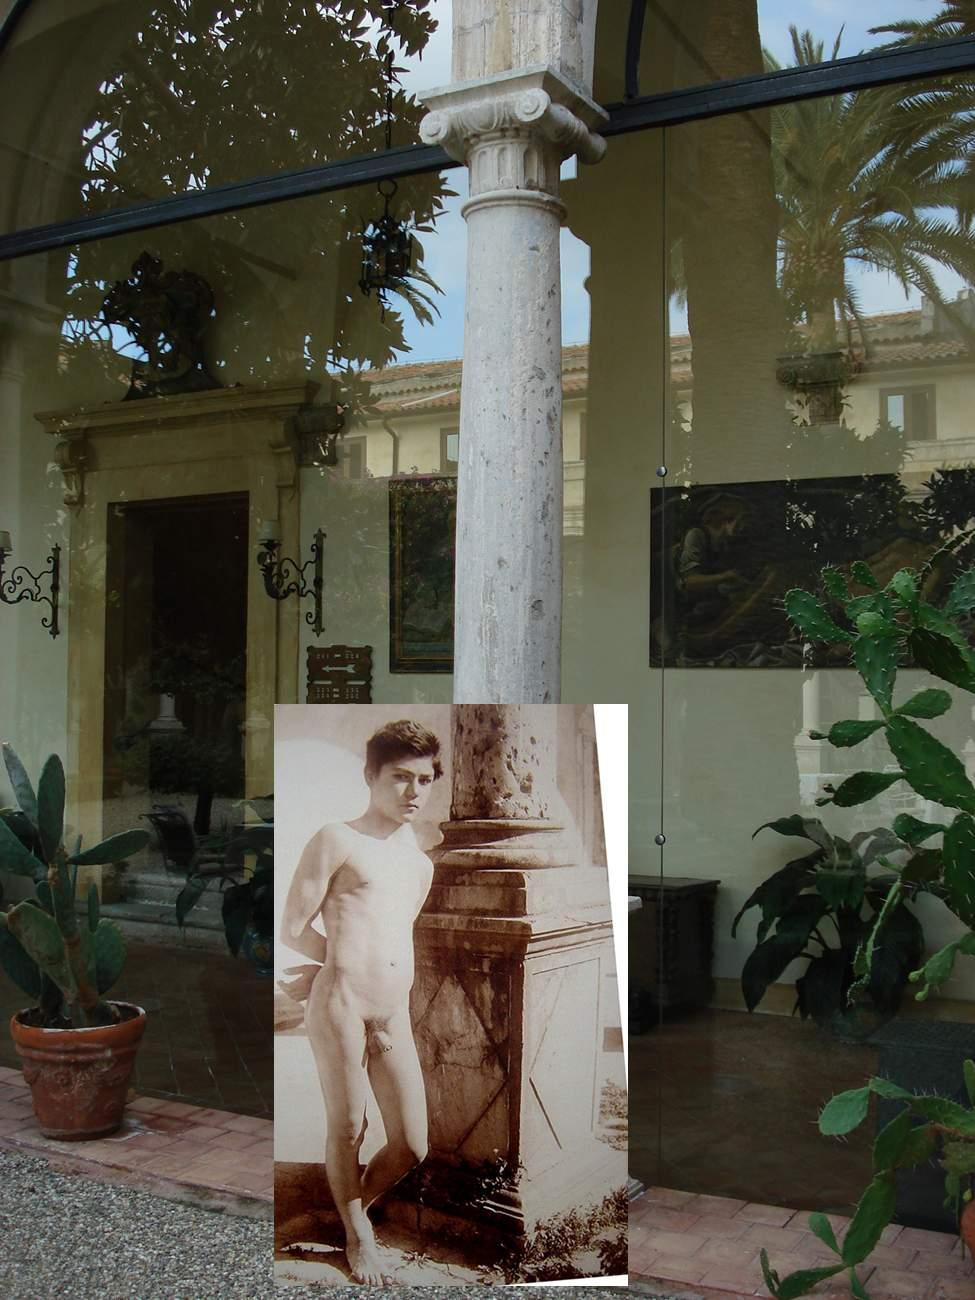 http://upload.wikimedia.org/wikipedia/commons/4/41/Taormina%2C_Hotel_San_Domenico._Intrusione_dal_passato_-_Fotomontaggio_di_Giovanni_Dall%27Orto.jpg